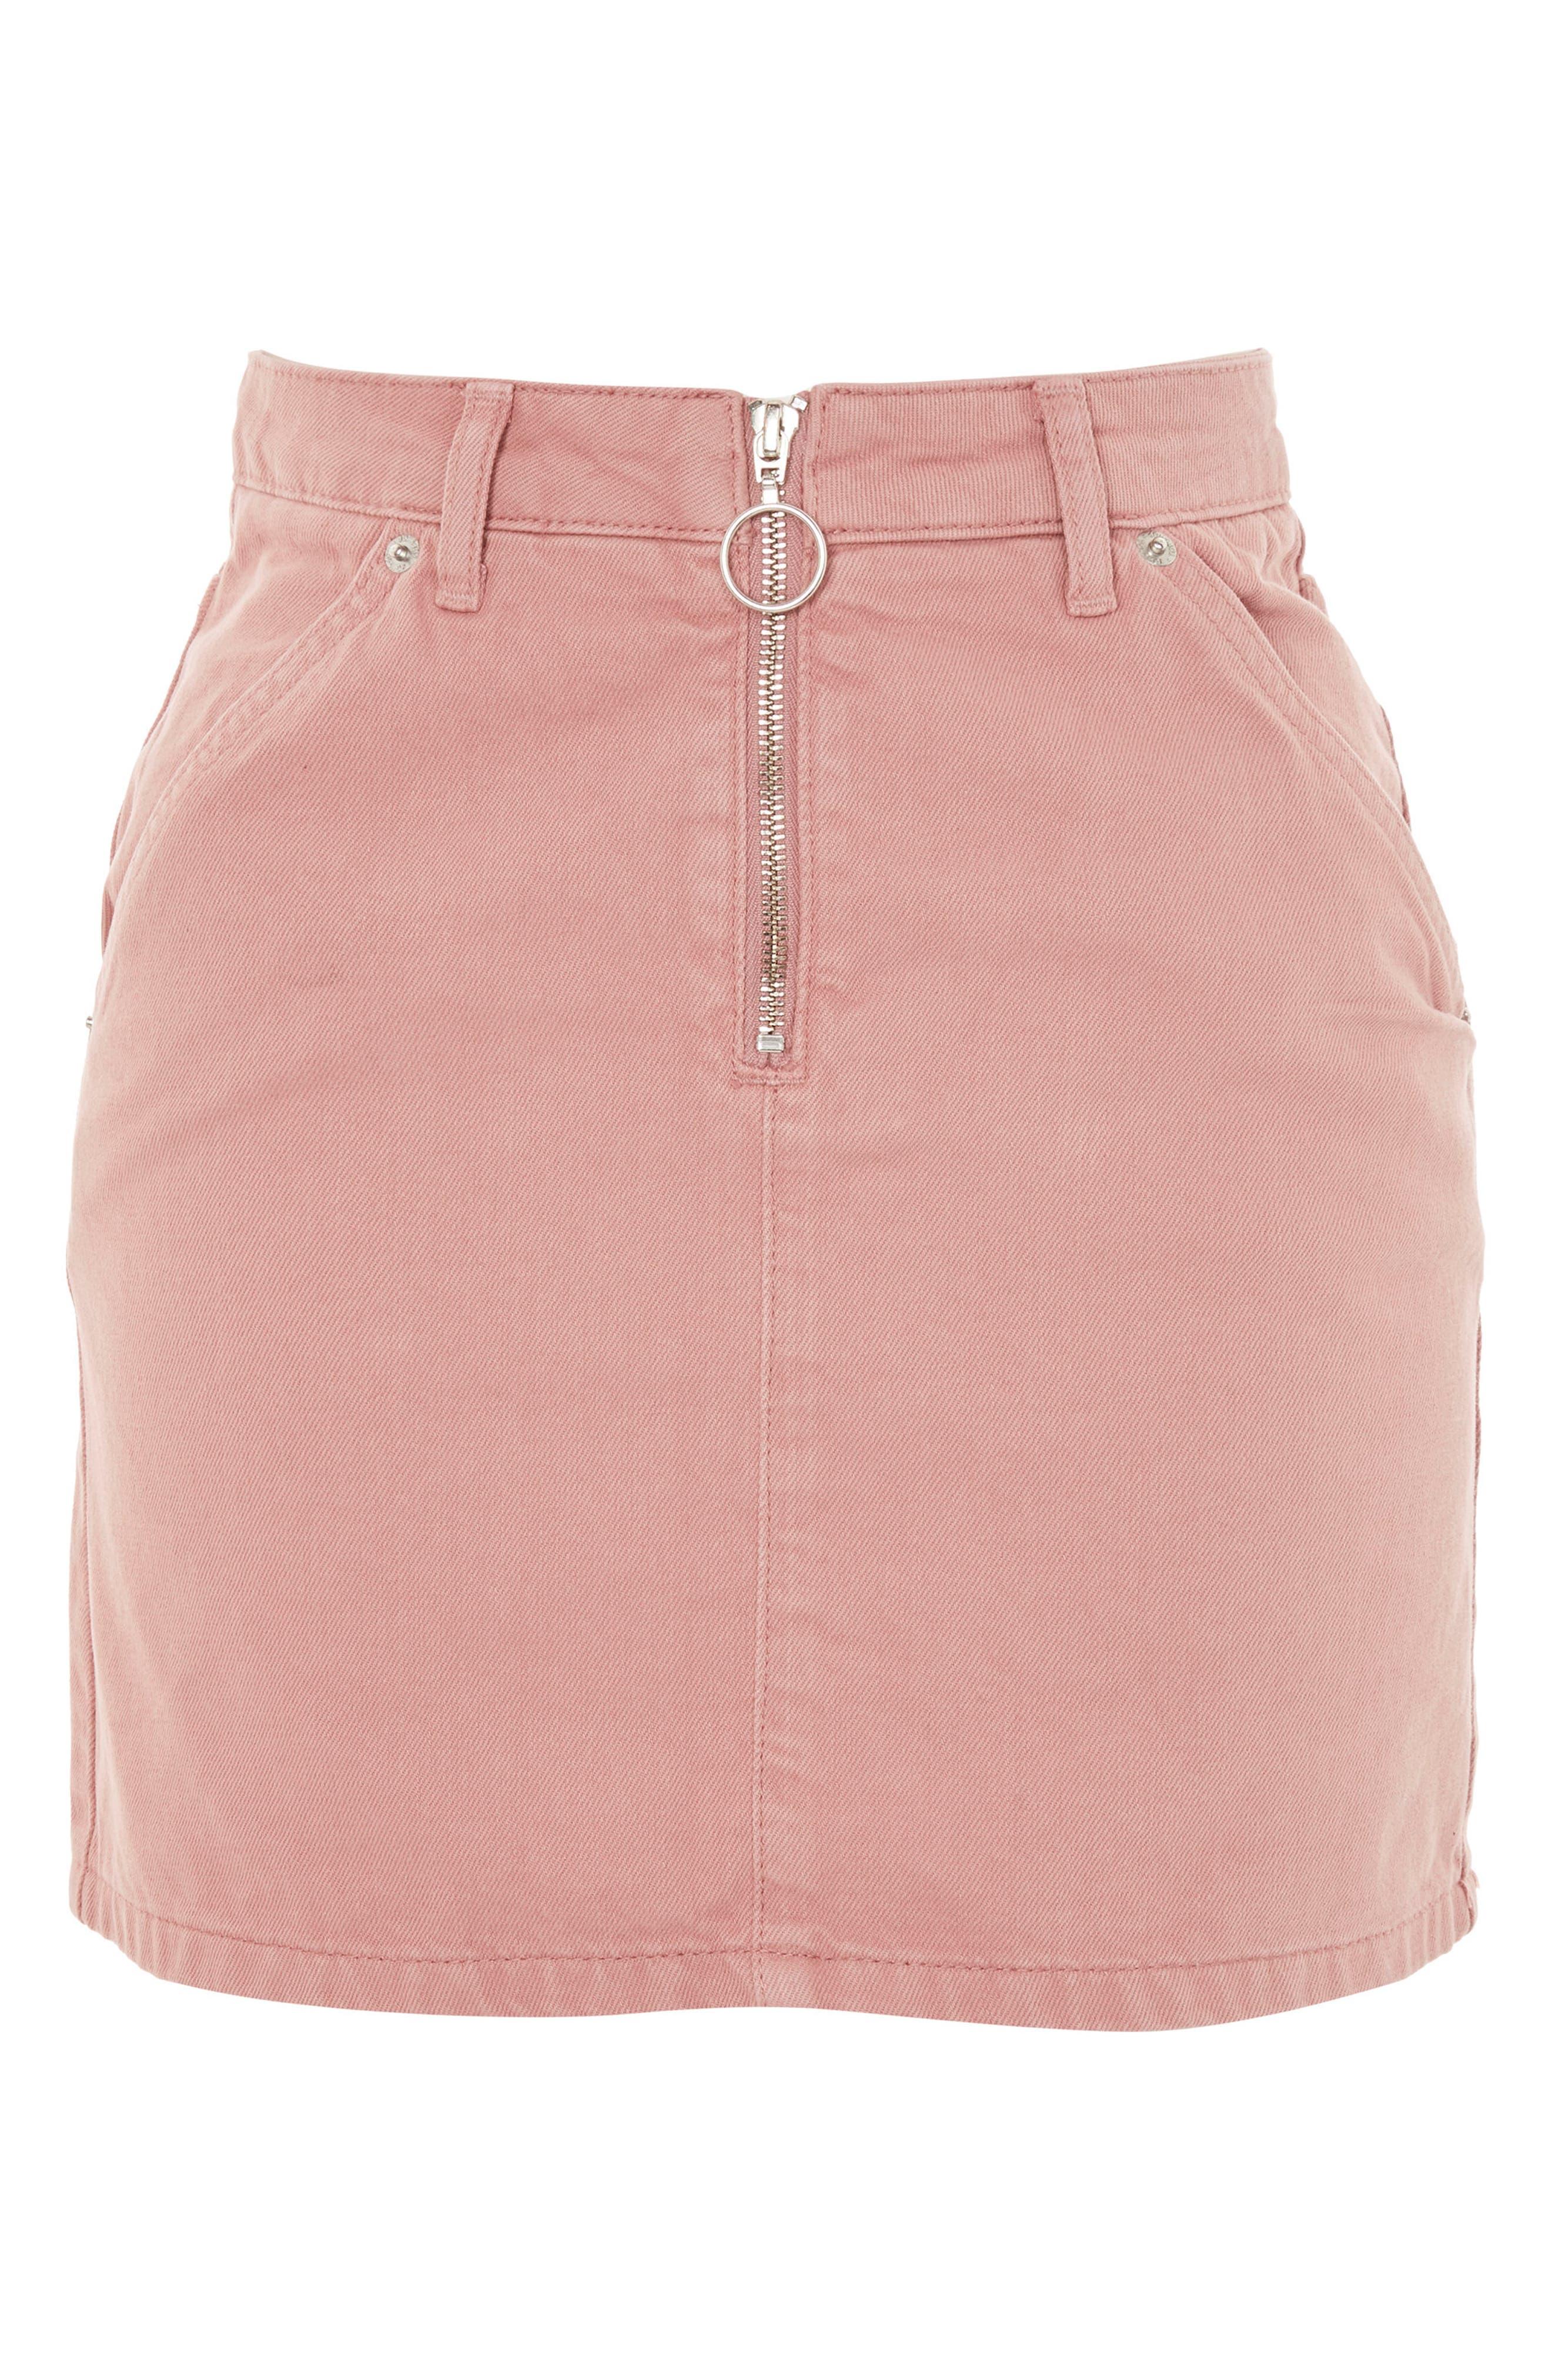 Half Zip Denim Skirt,                             Alternate thumbnail 3, color,                             650